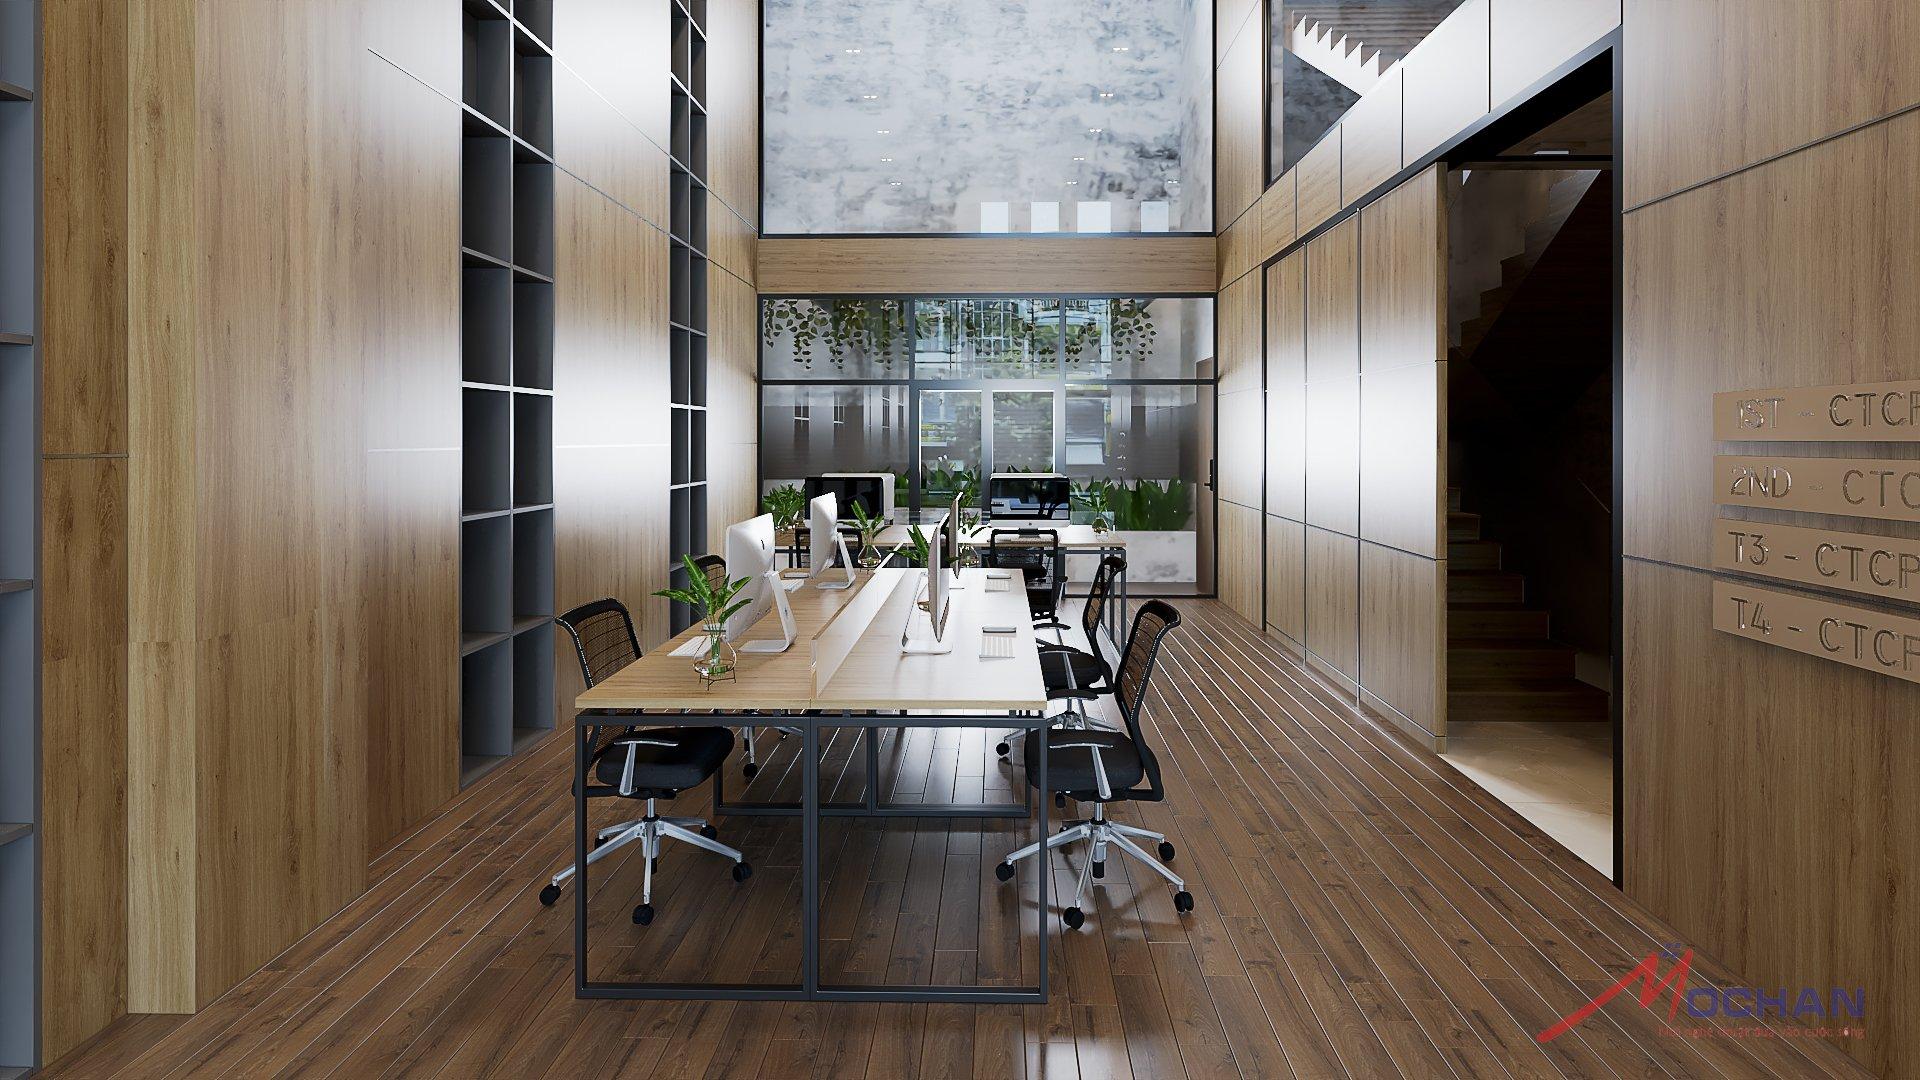 Sự kết hợp hài hòa giữa những đường vân gỗ xen lẫn đường viền inoc cùng cách bày trí cây xanh tạo nên một không gian hài hòa, sang trọng, đầy tính chuyên nghiệp